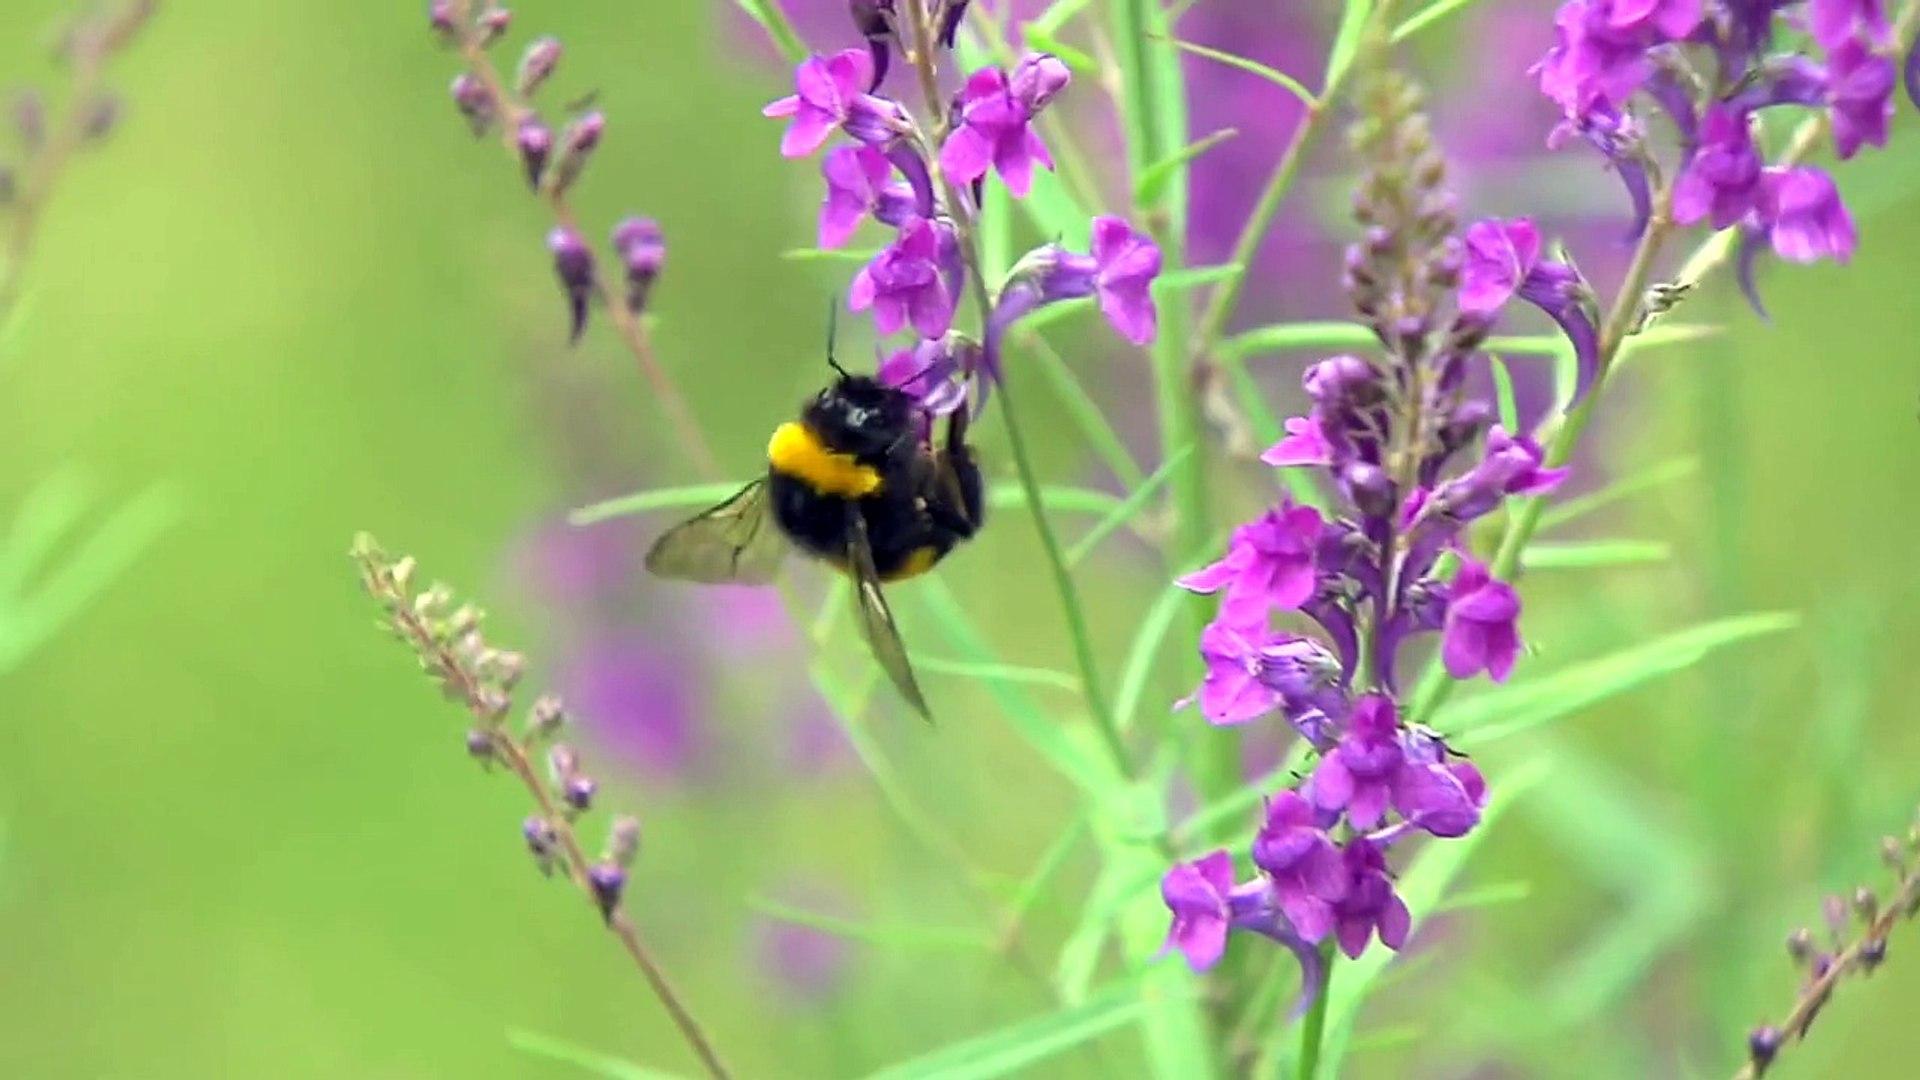 Wildlife - Bees